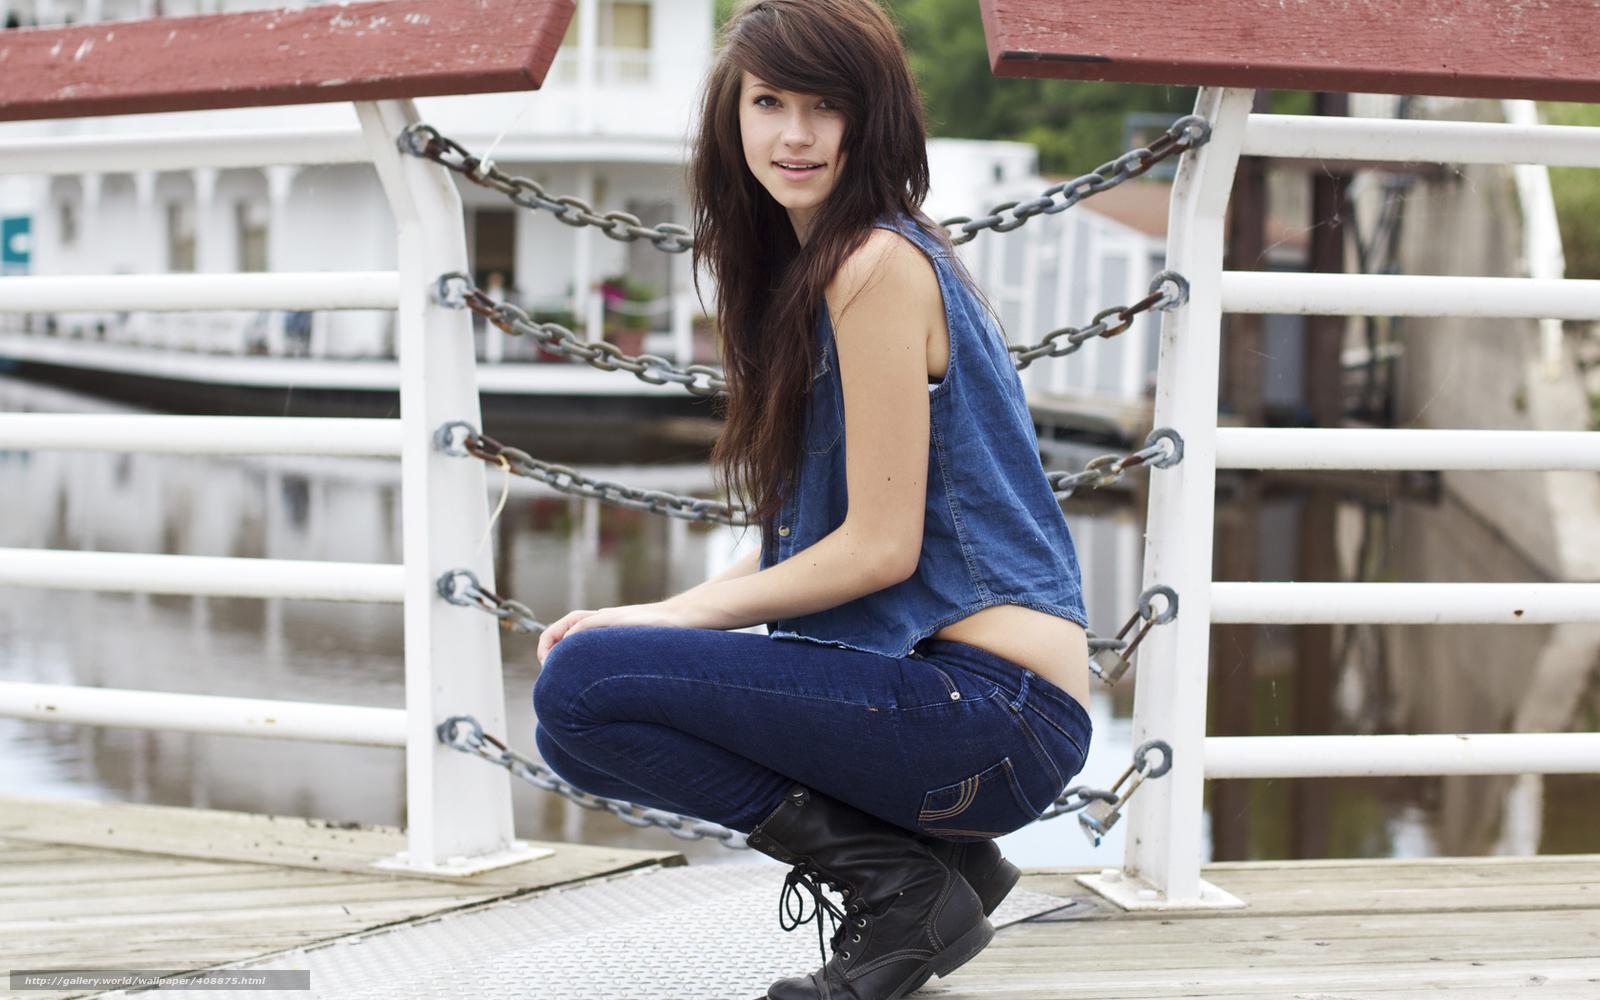 Фотосессия девушек брюнеток в джинсах 12 фотография